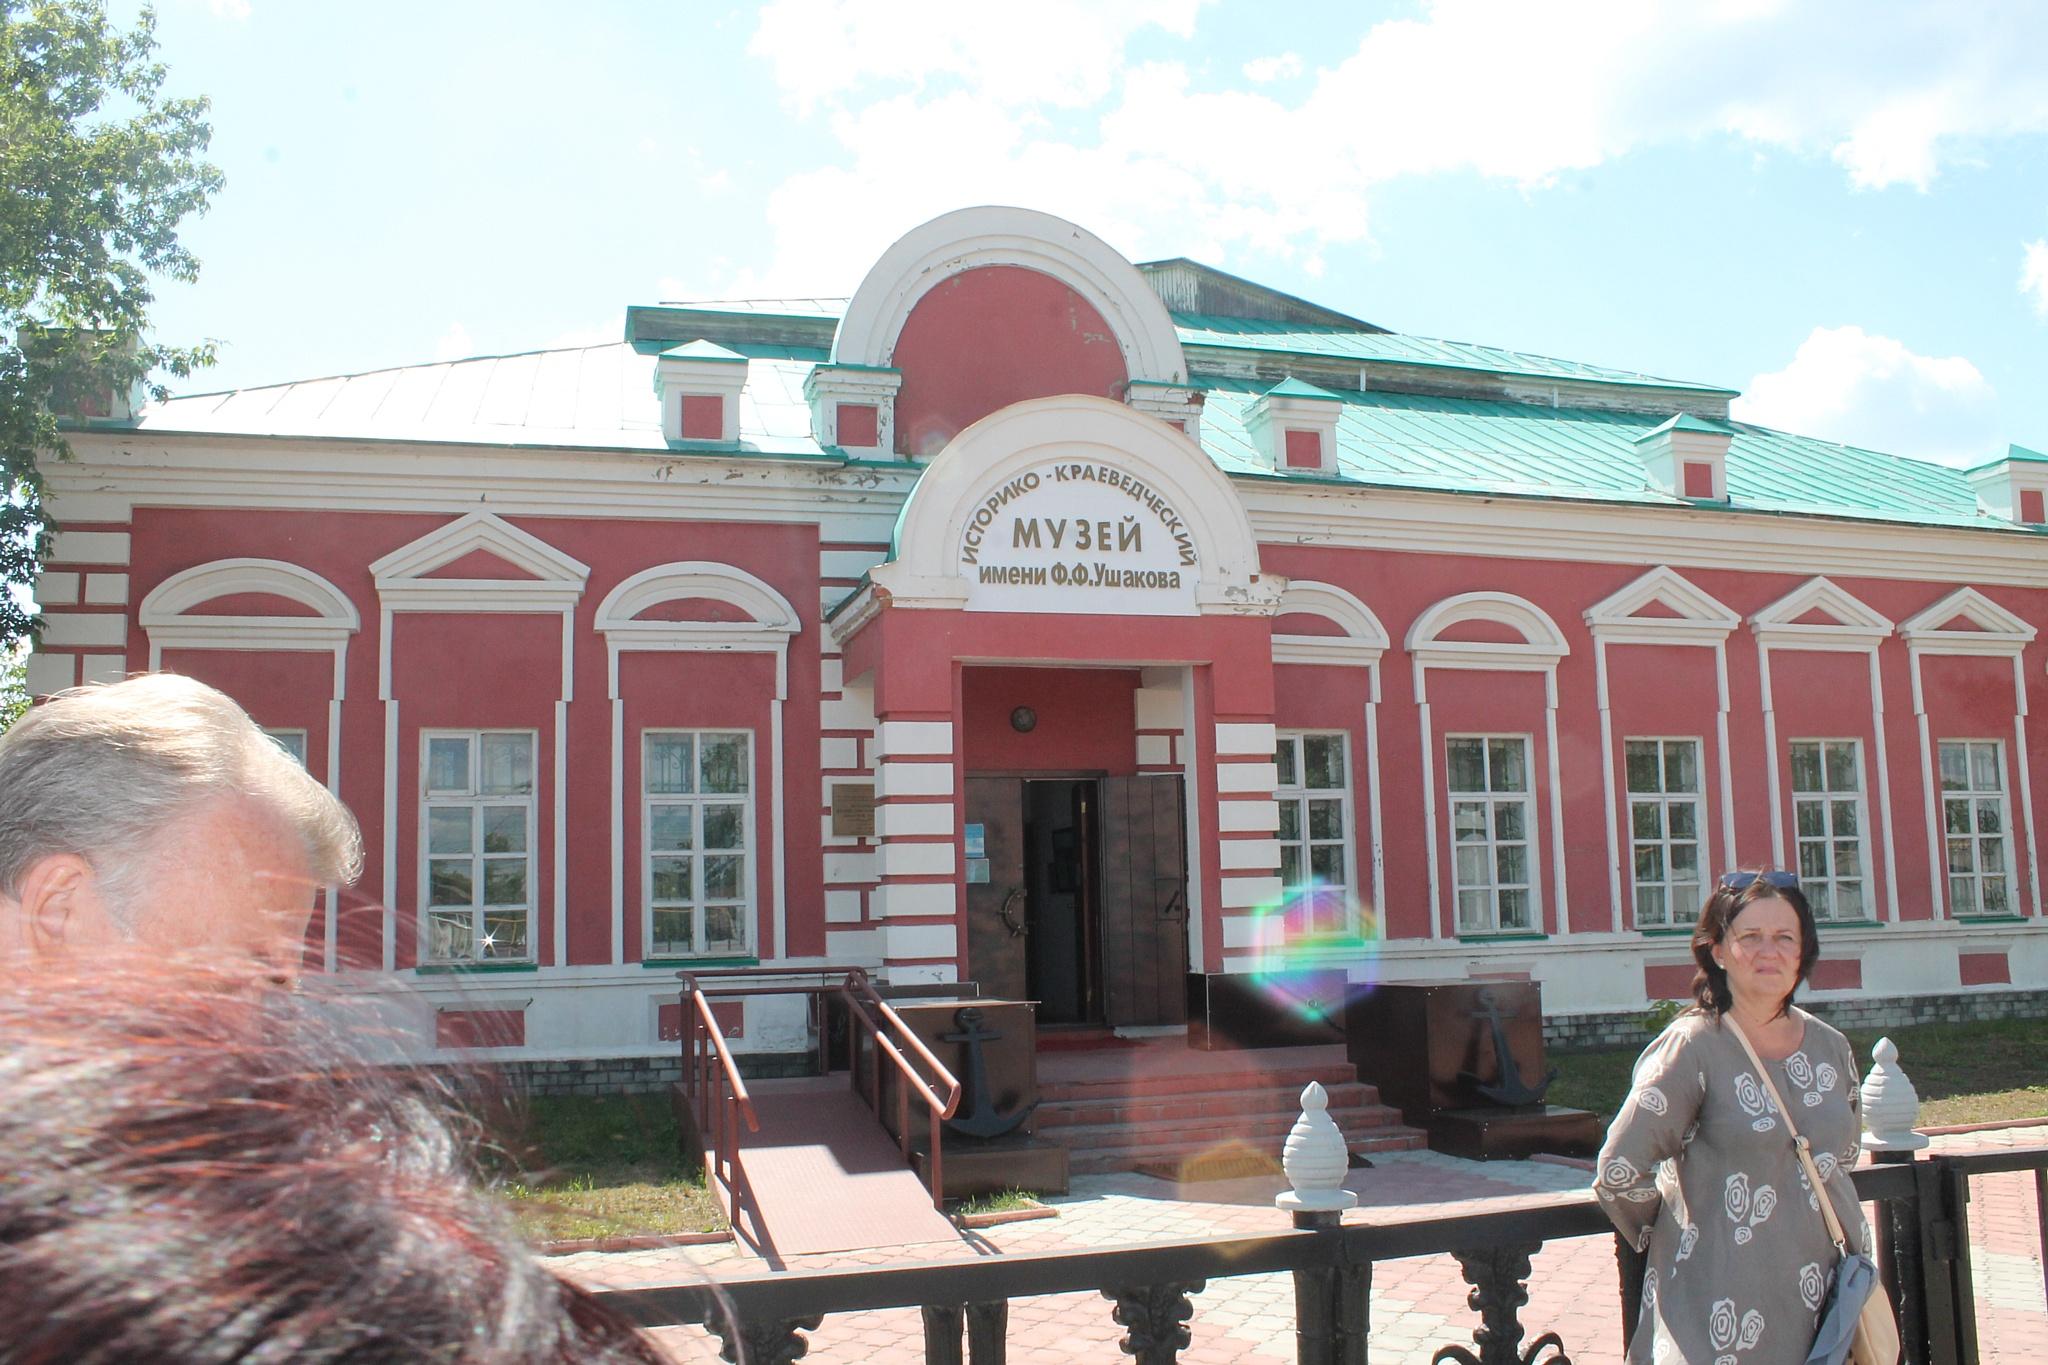 ОНФ в Мордовии предлагает бизнесу подключиться к восстановлению исторических объектов Темникова